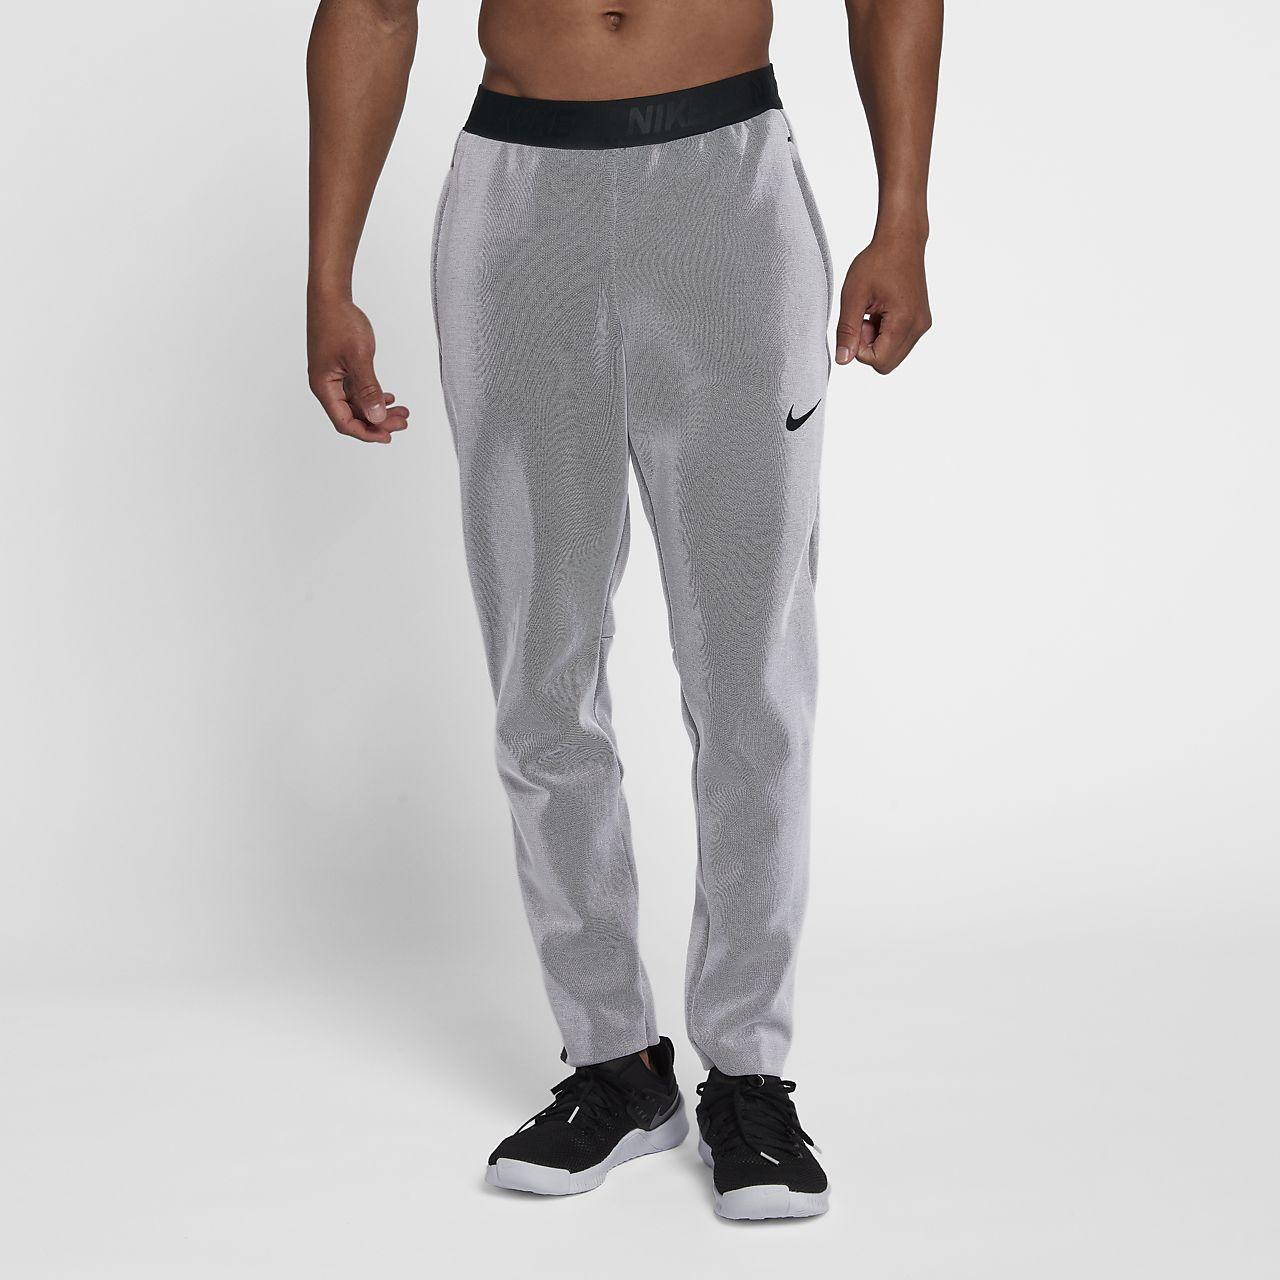 Träningsbyxor Nike Therma Sphere Max för män